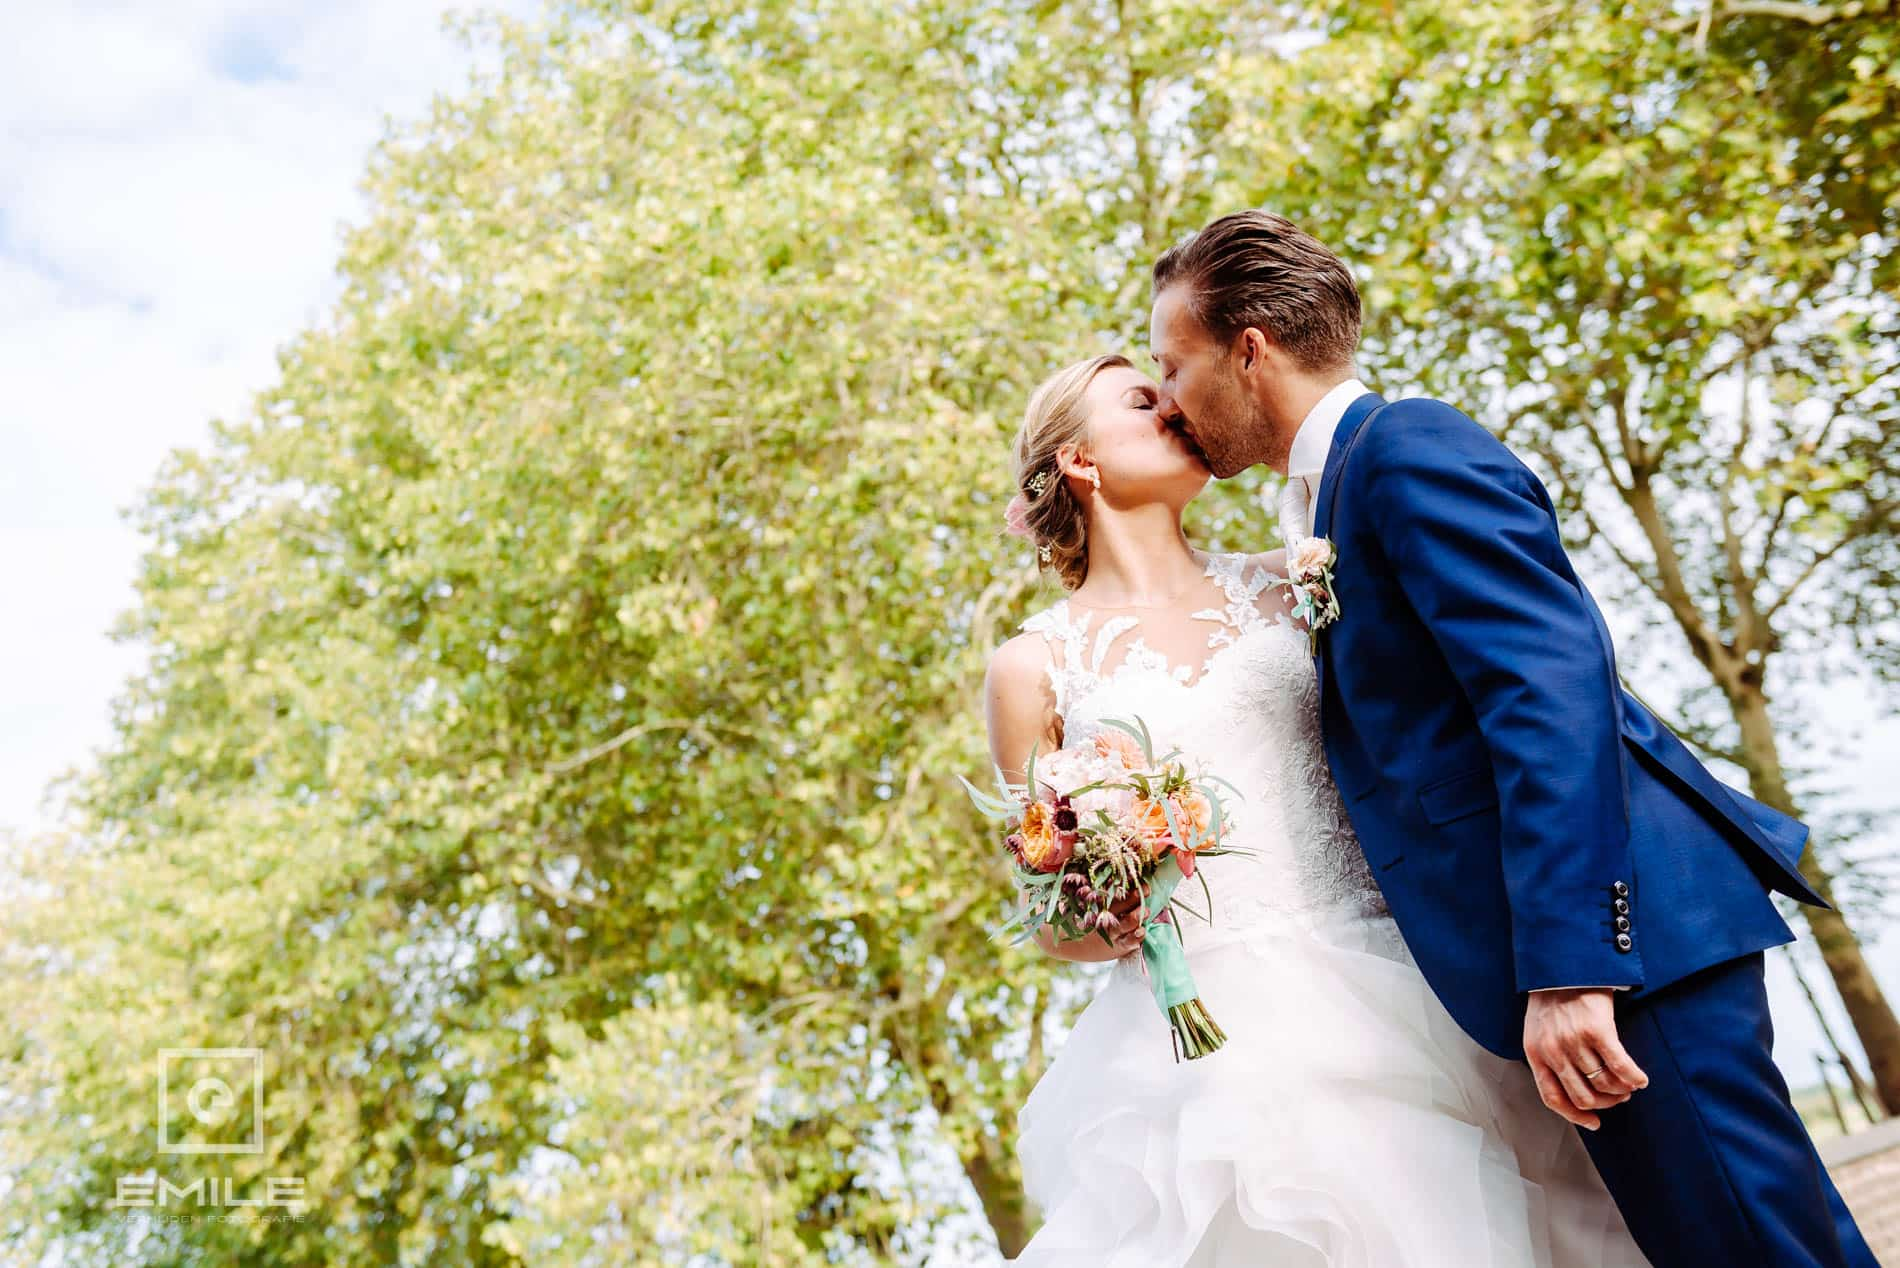 Bruidsfotograaf Kasteel Limbricht-  kus bij bomen